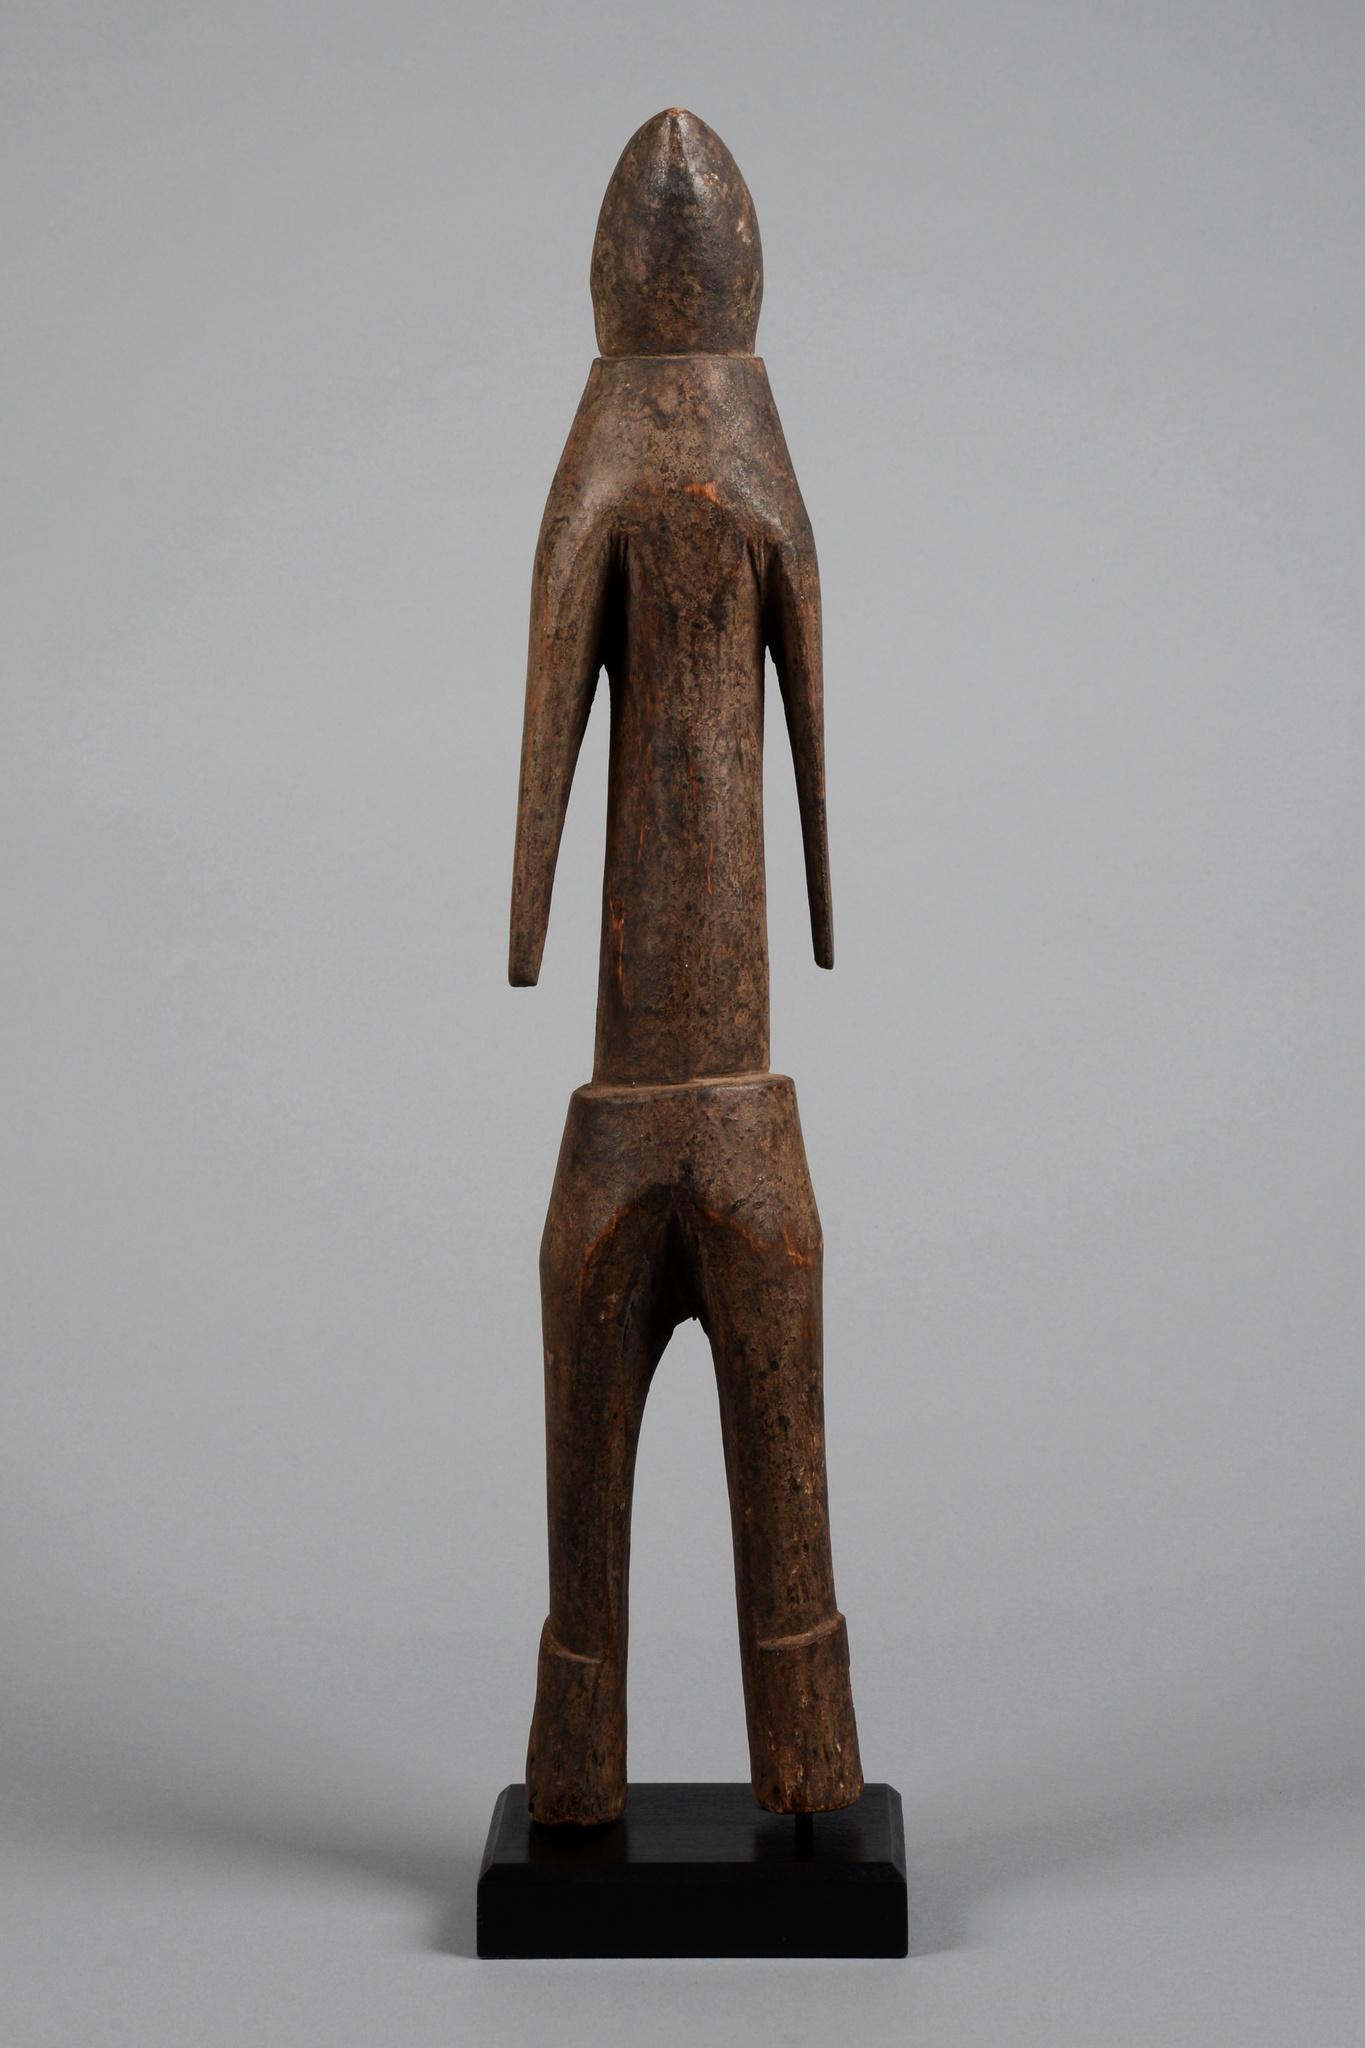 Stehende anthropomorphe Figur